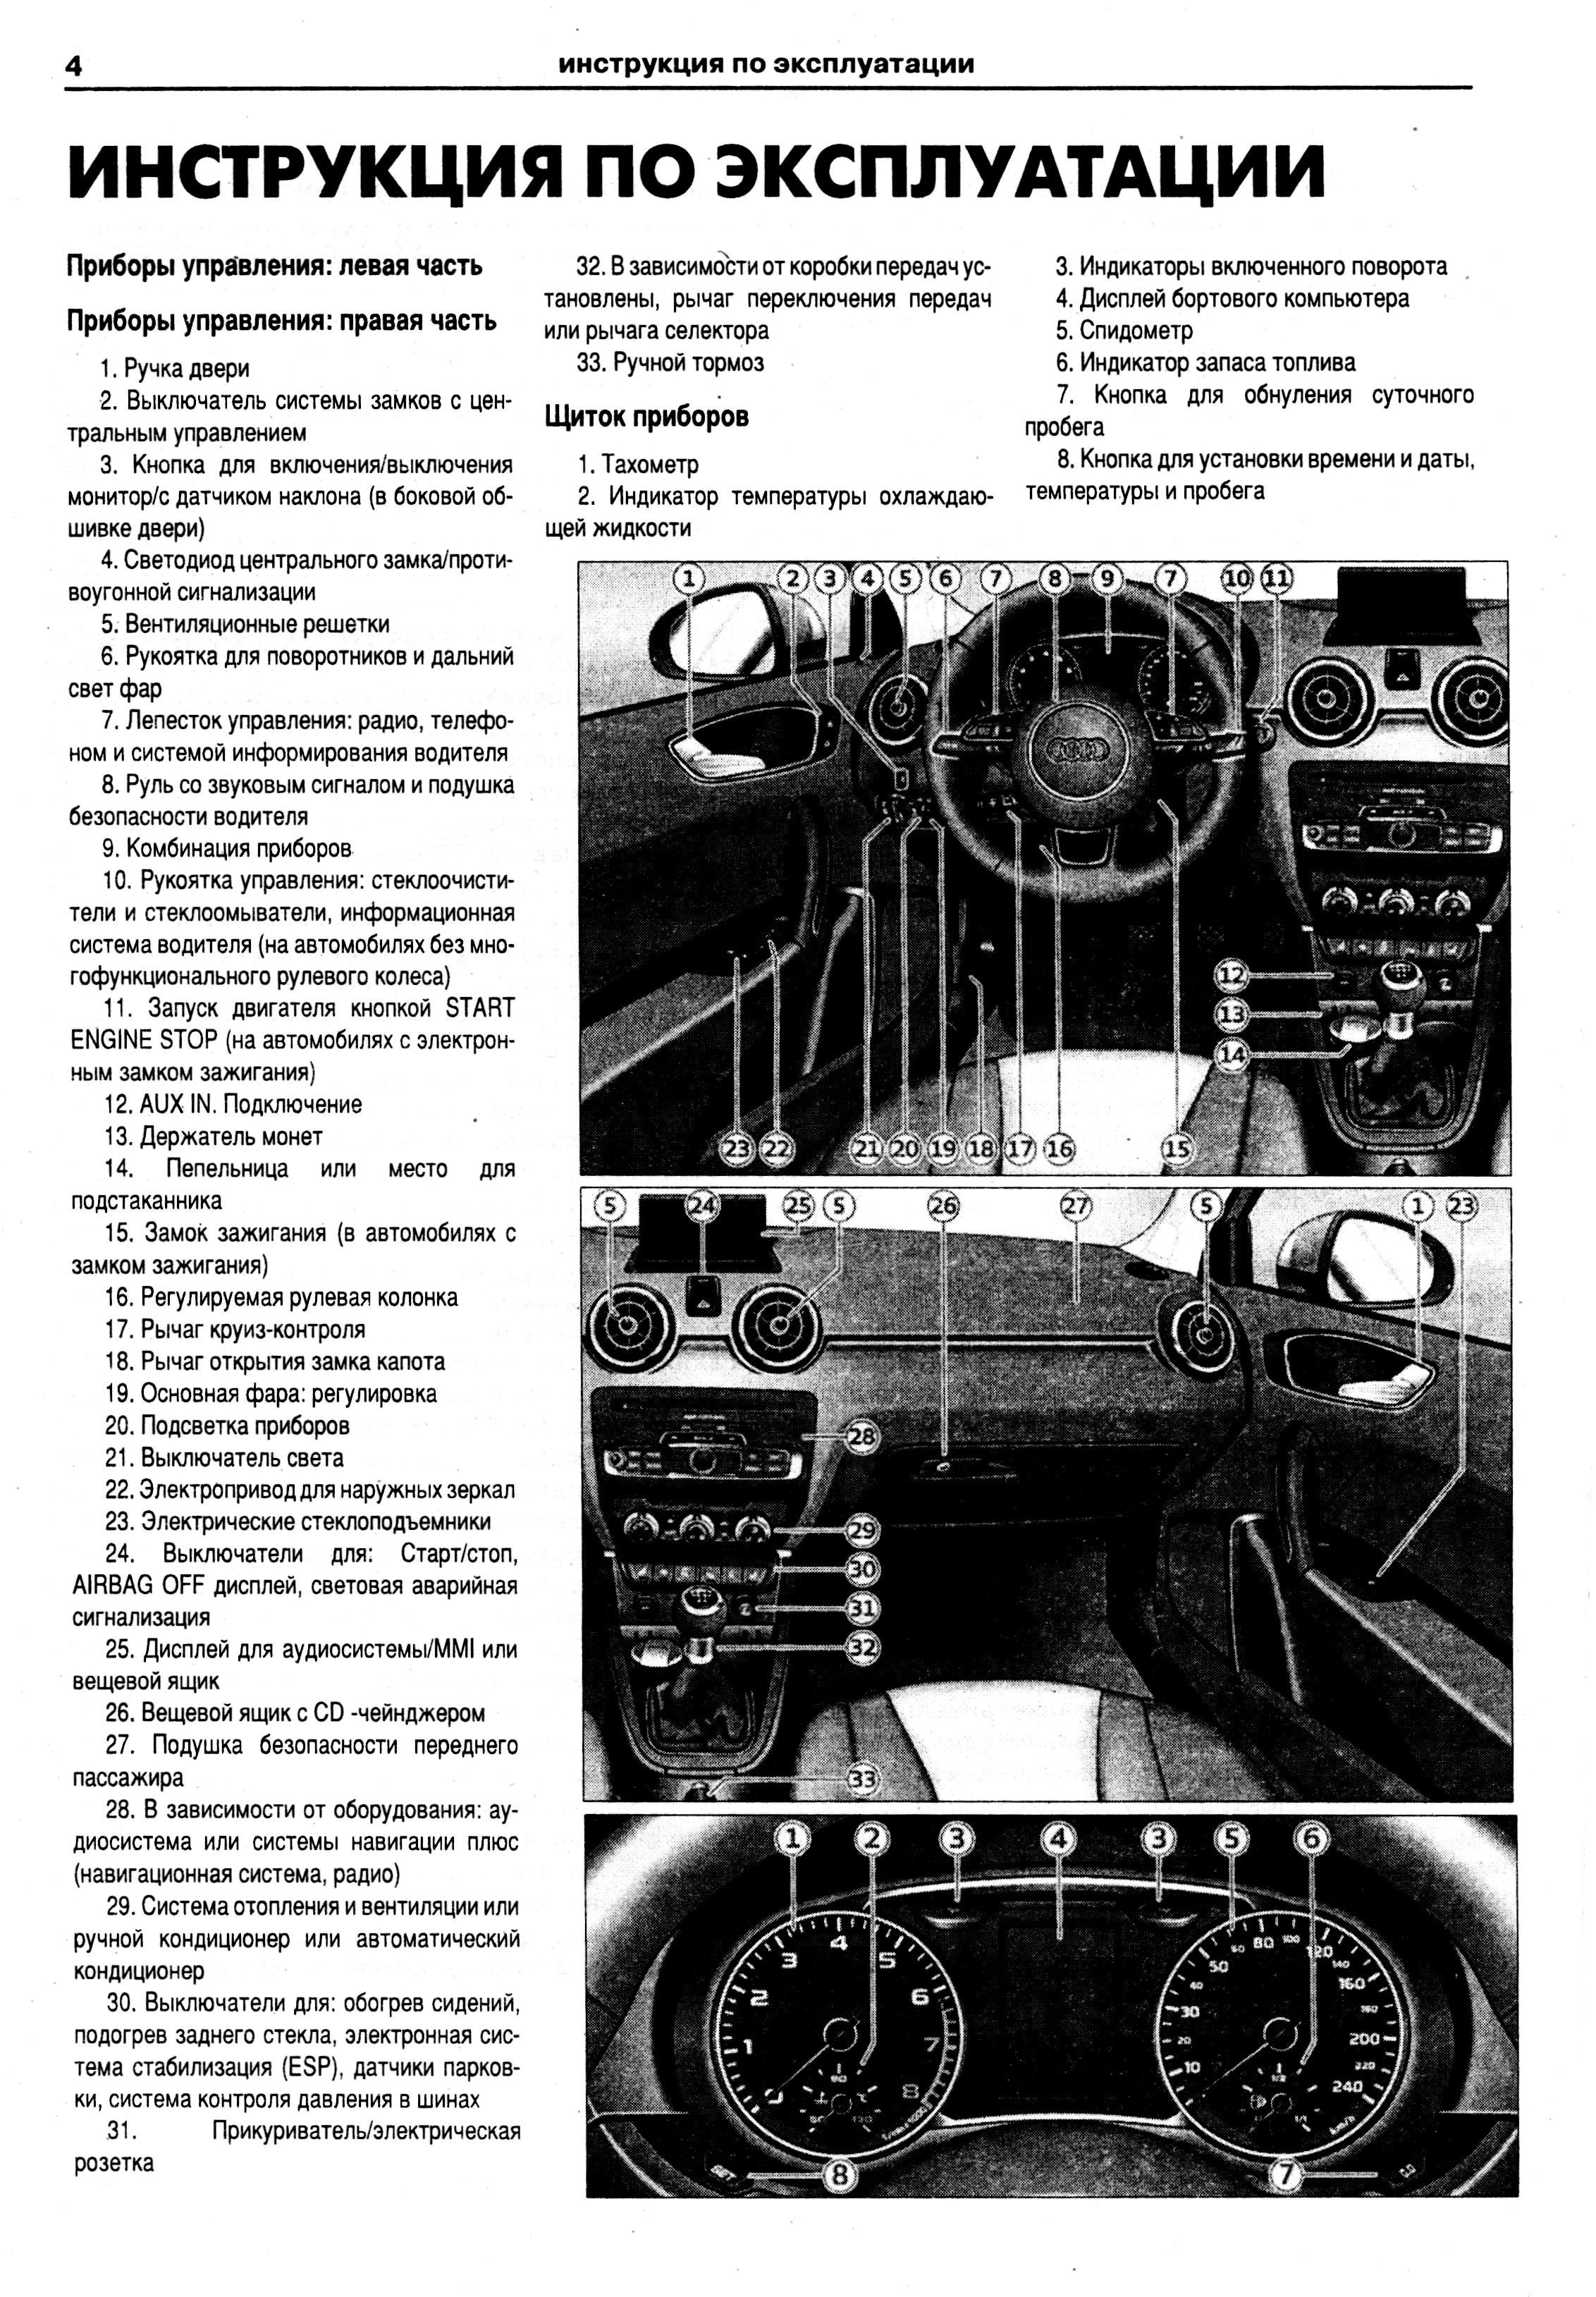 инструкция по эксплуатации audi a8l